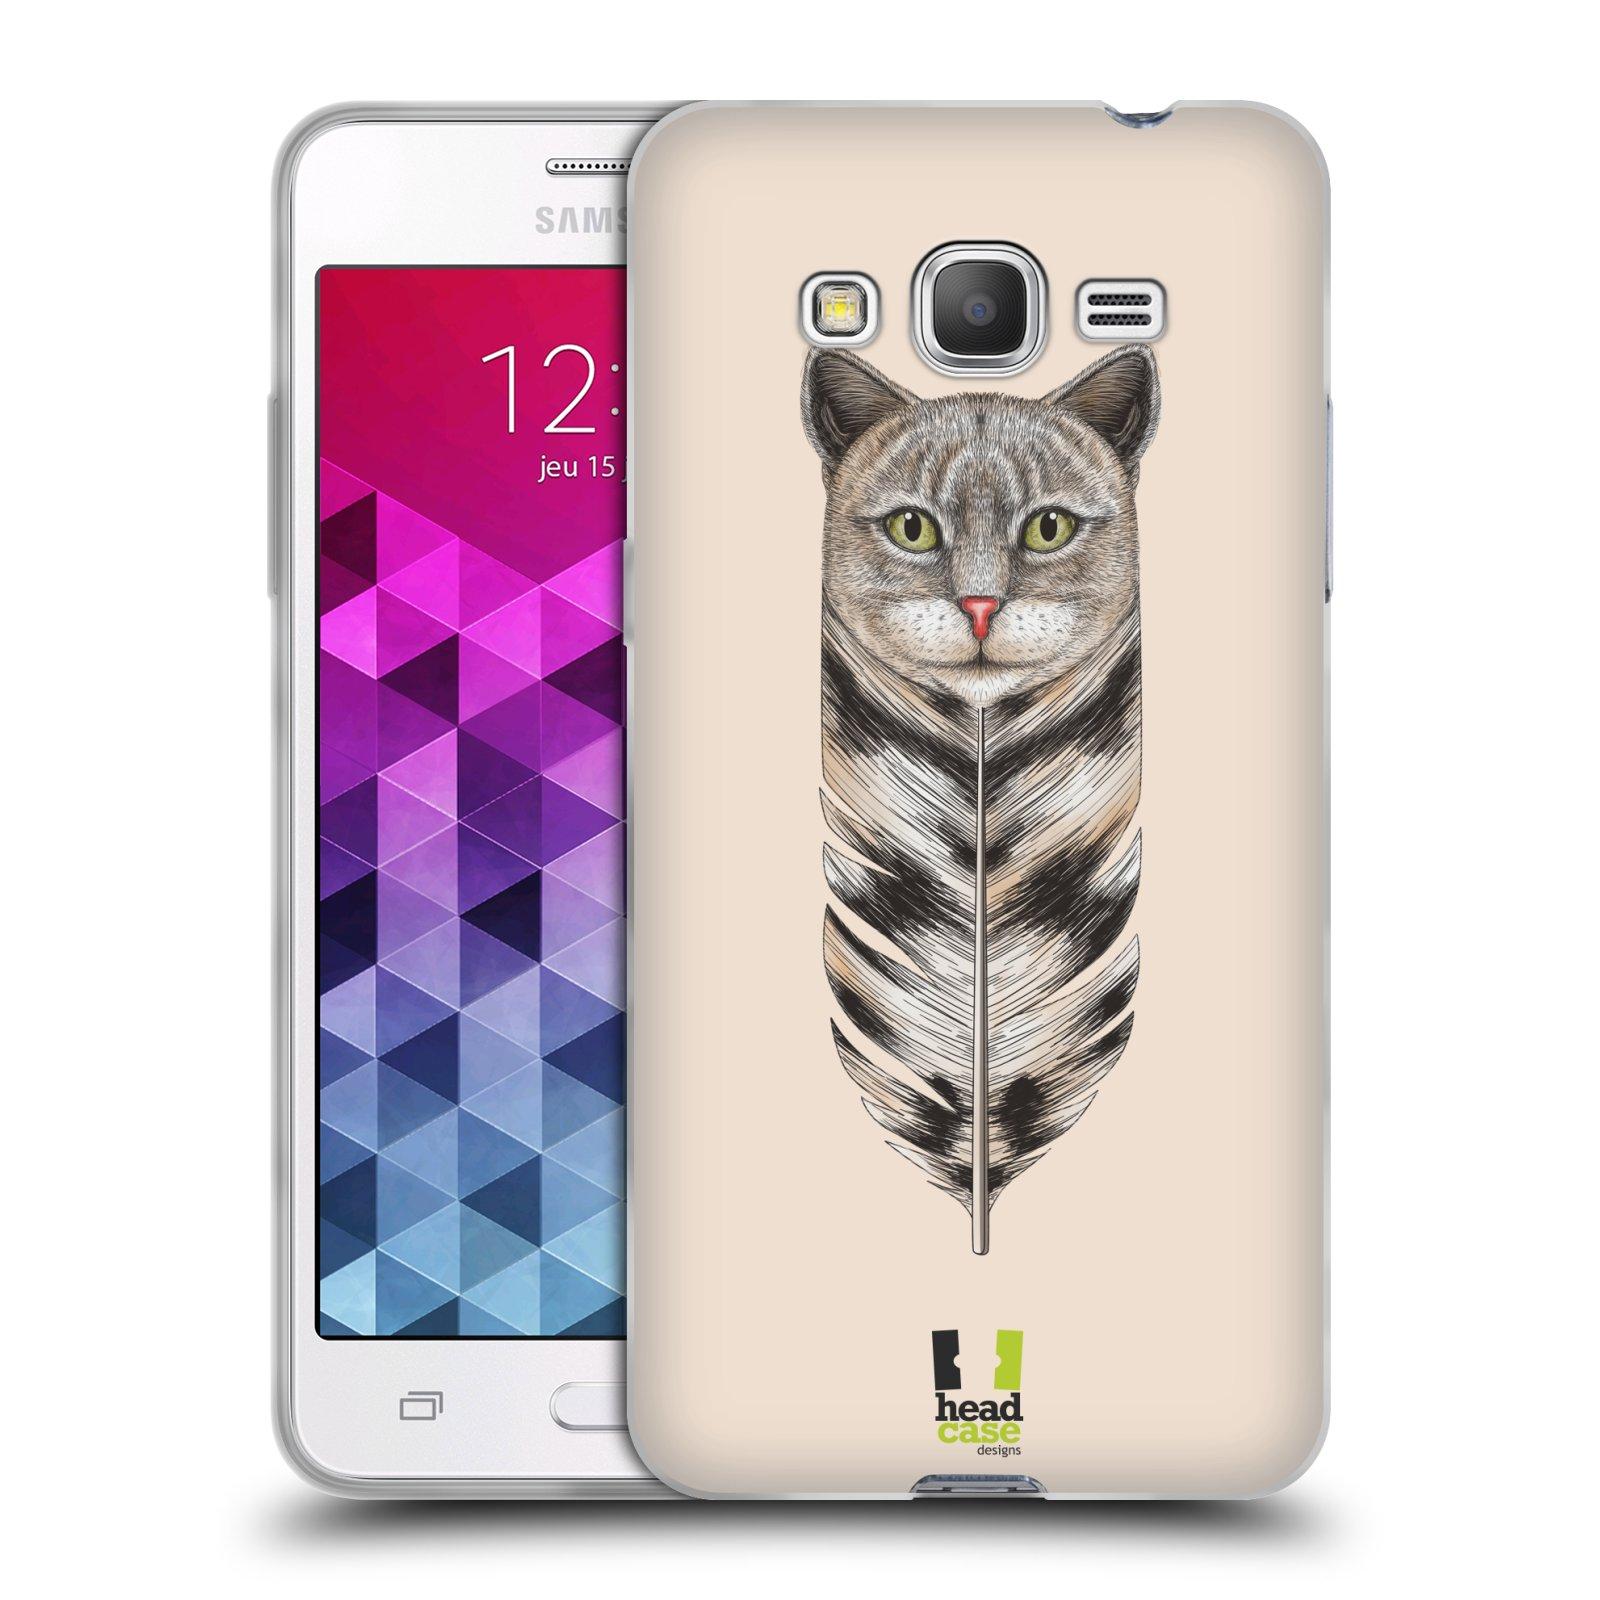 Silikonové pouzdro na mobil Samsung Galaxy Grand Prime VE HEAD CASE PÍRKO KOČKA (Silikonový kryt či obal na mobilní telefon Samsung Galaxy Grand Prime VE SM-G531F)